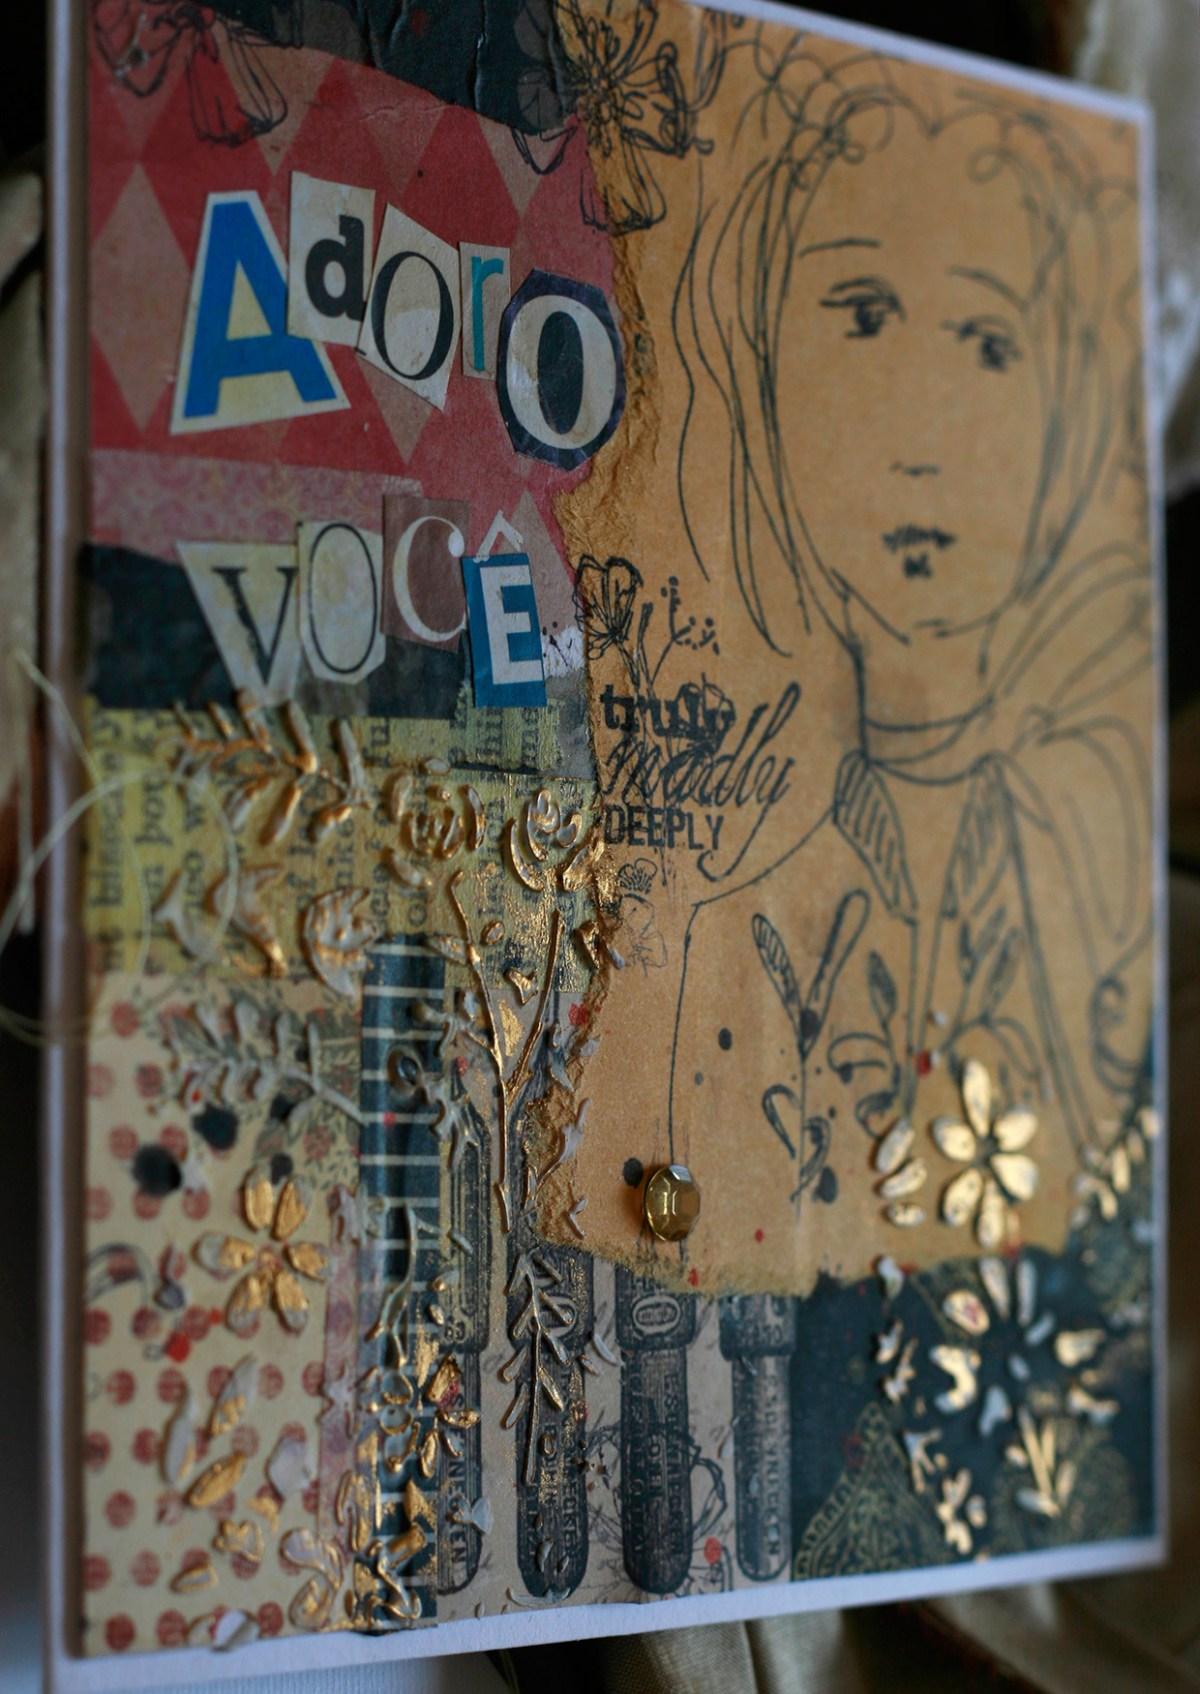 Detalhe feito com pasta de modelagem e pasta metálica dourada e letras recortadas de revistas, em cartão criado por ilapola, usando papéis comuns